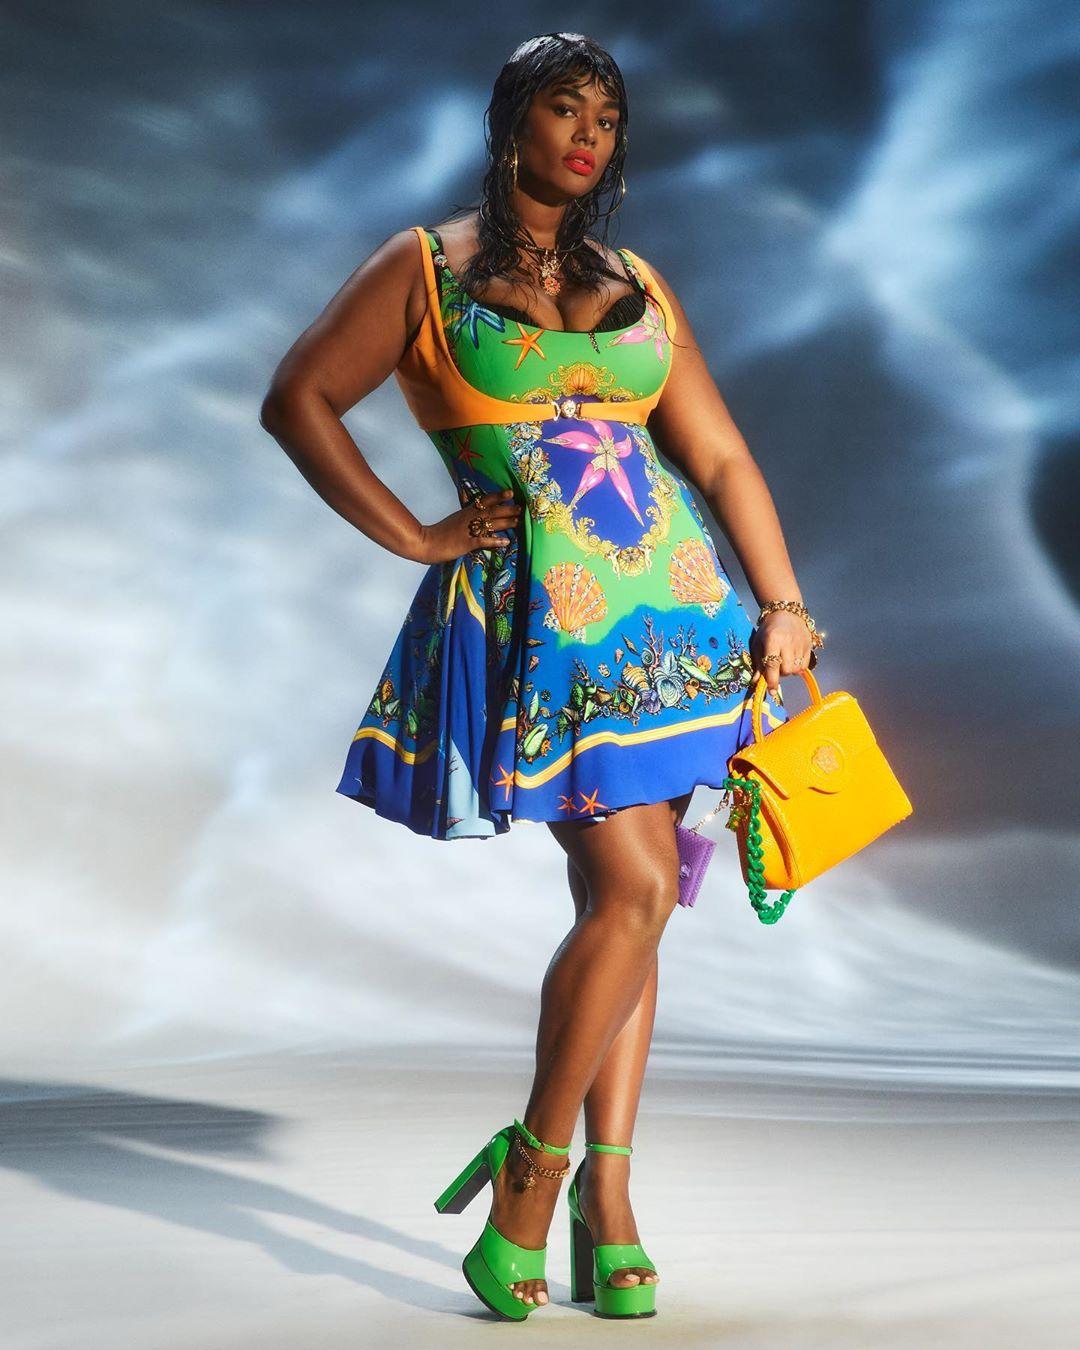 versace fashion: 11